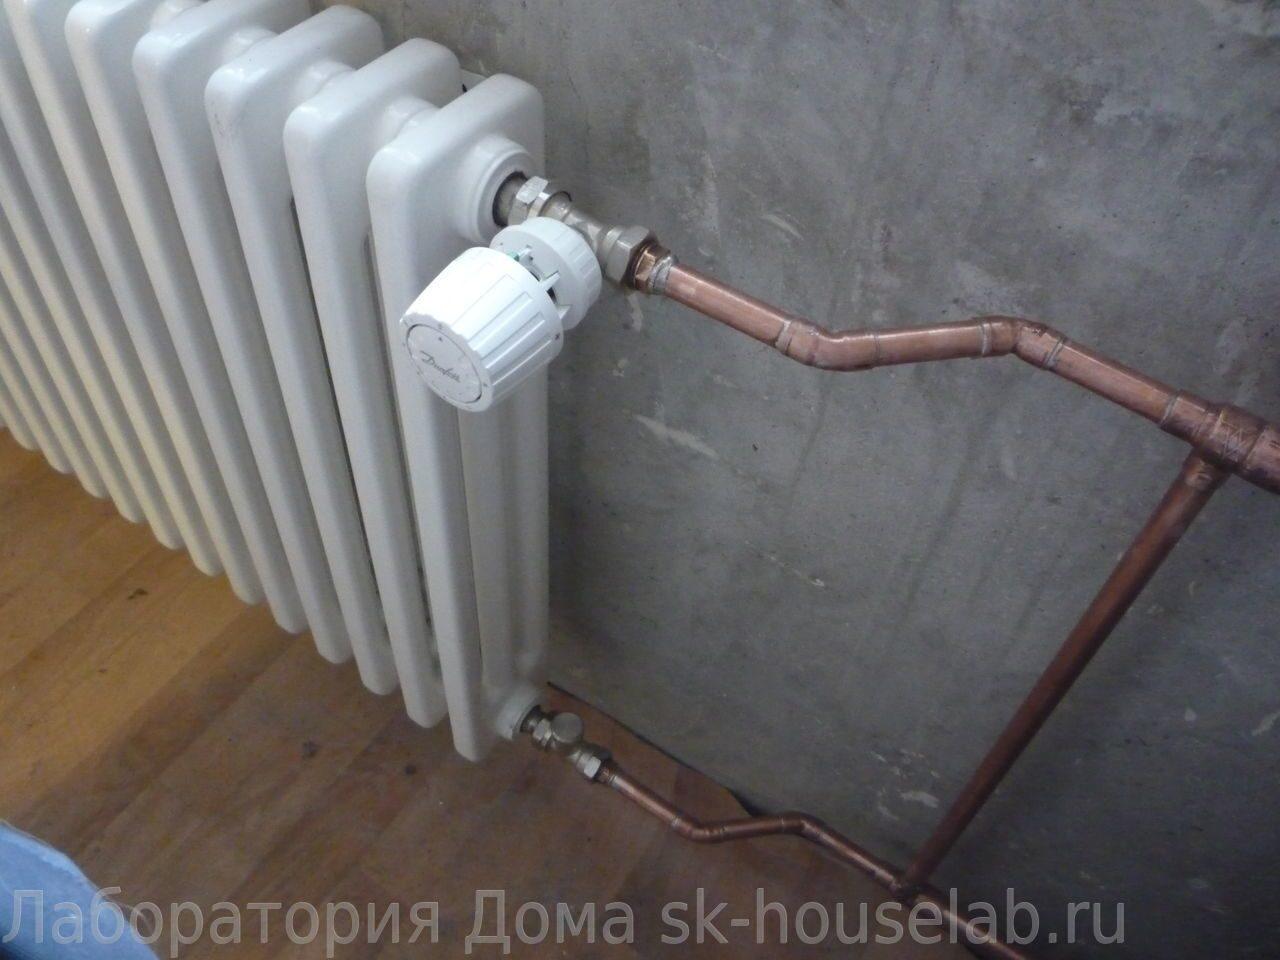 Электрокотлы для отопления частного дома как выбрать